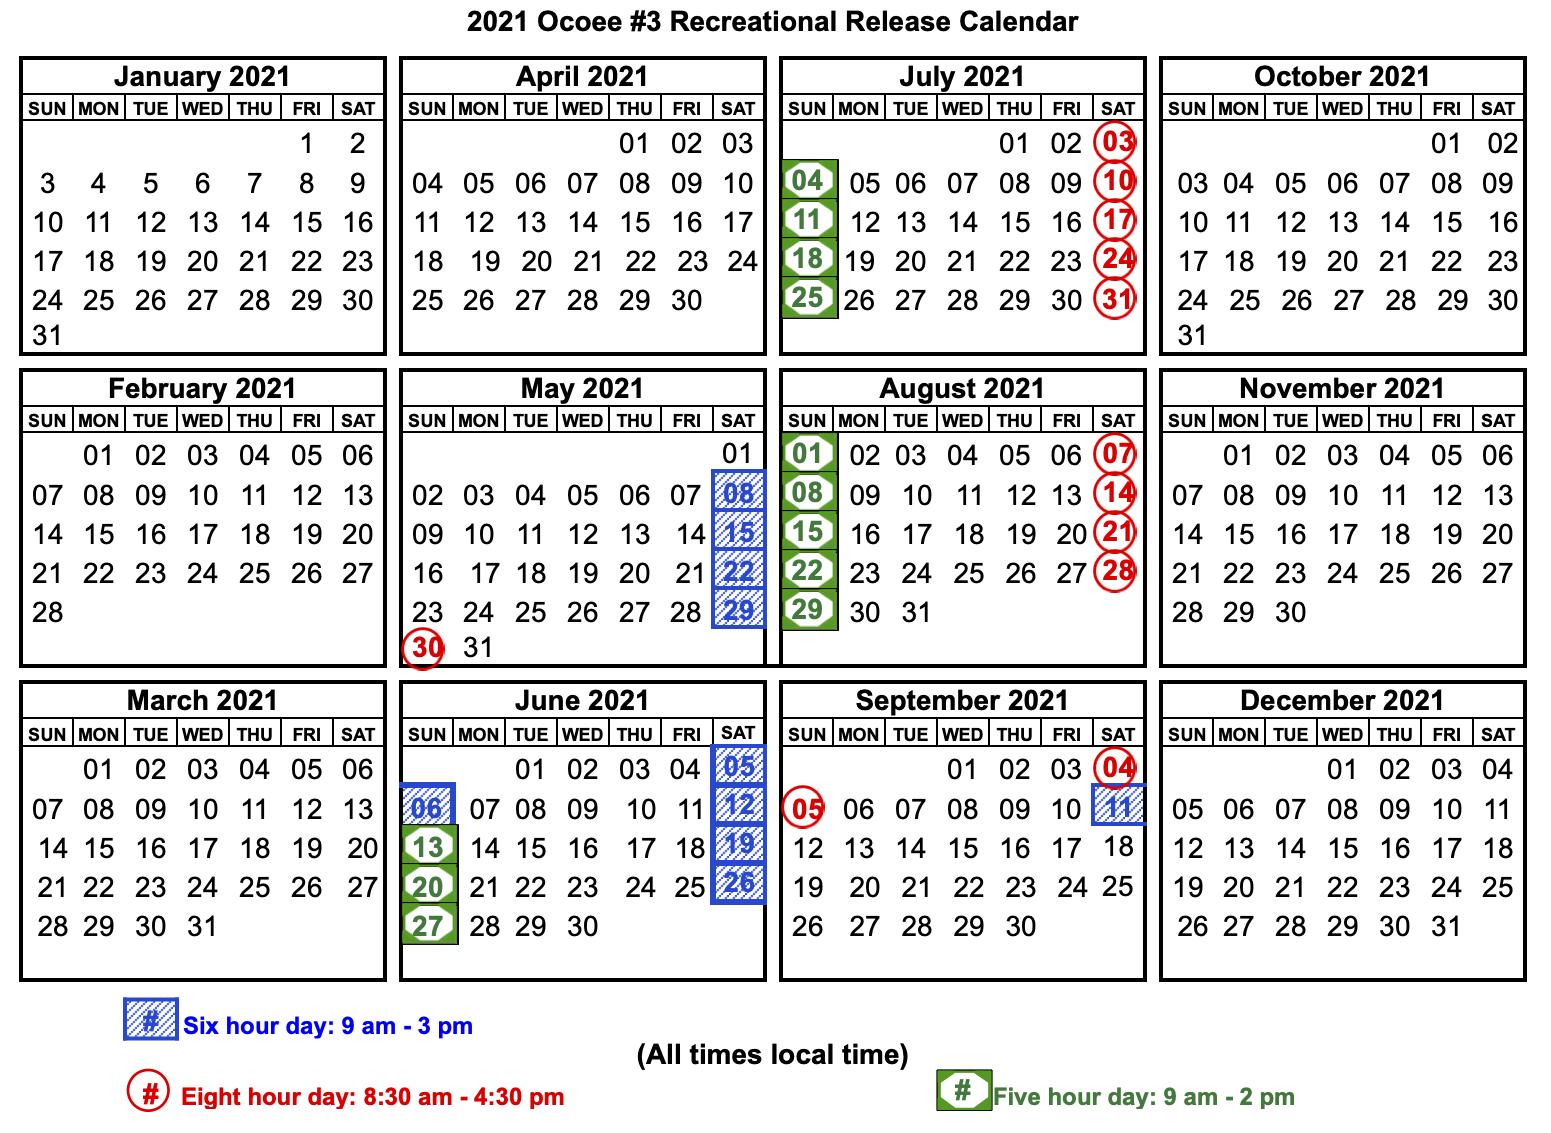 Upper Ocoee Release Schedule